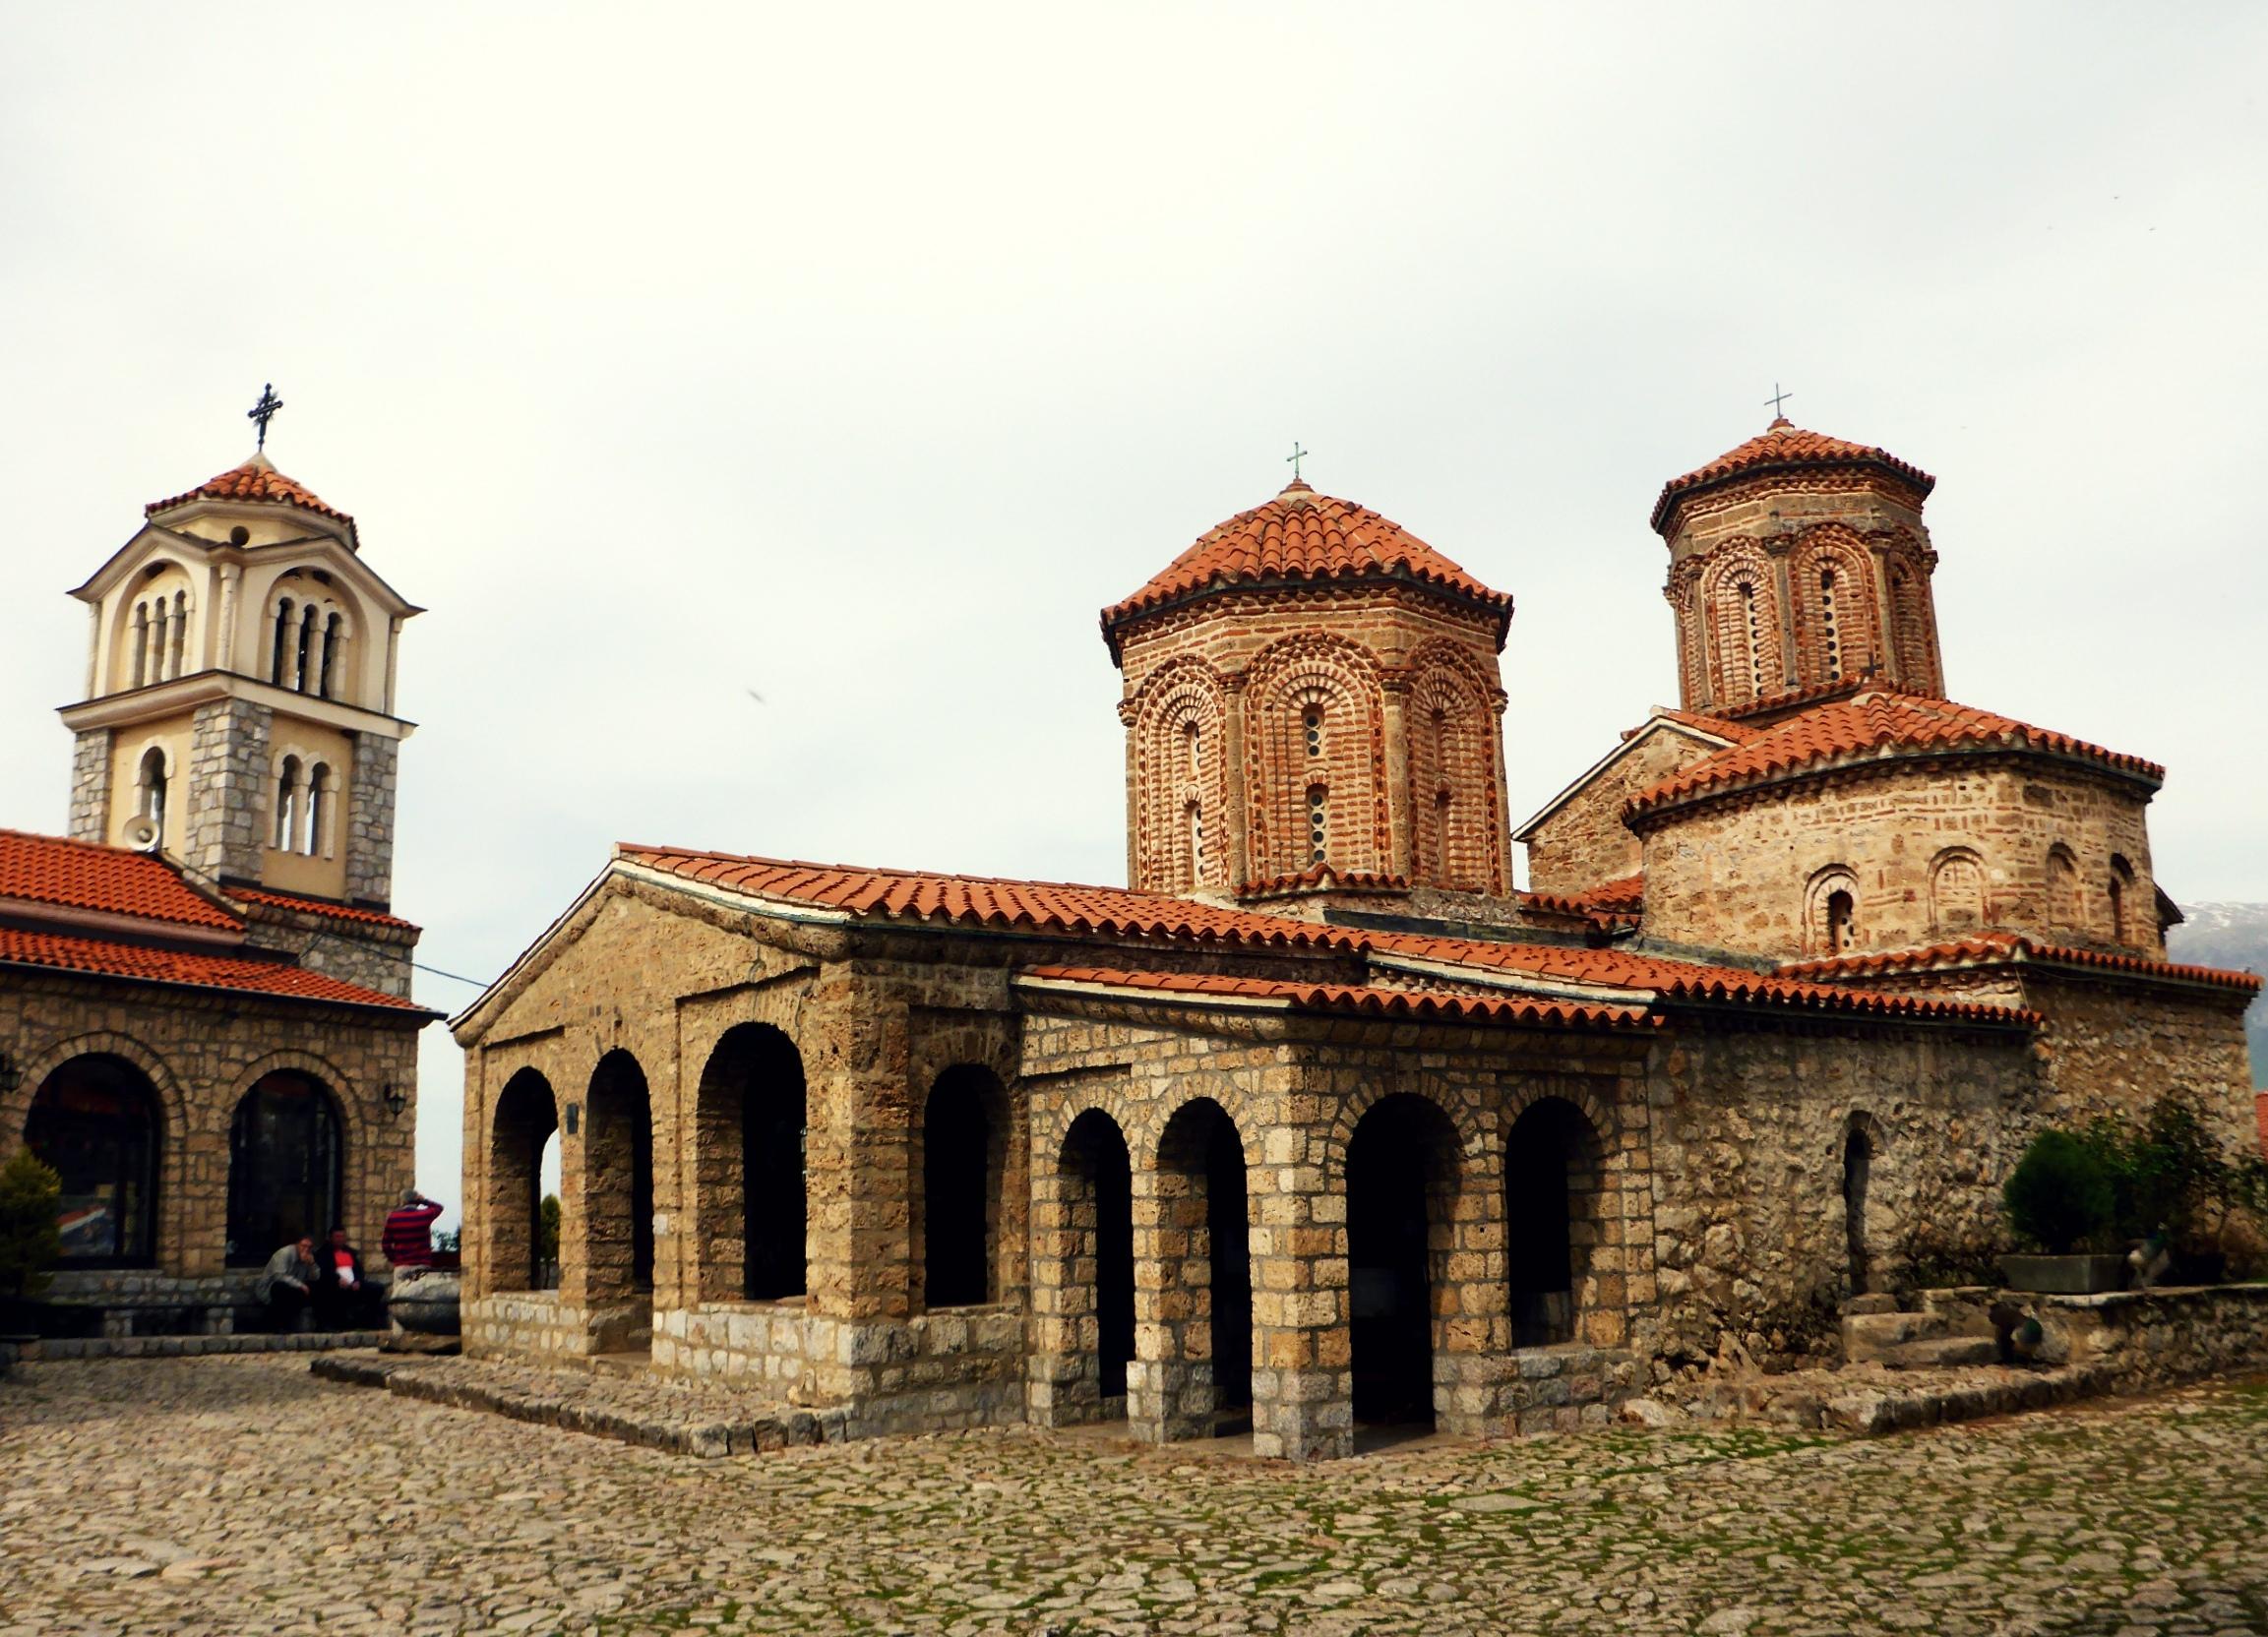 монастырь святого викентия фото который